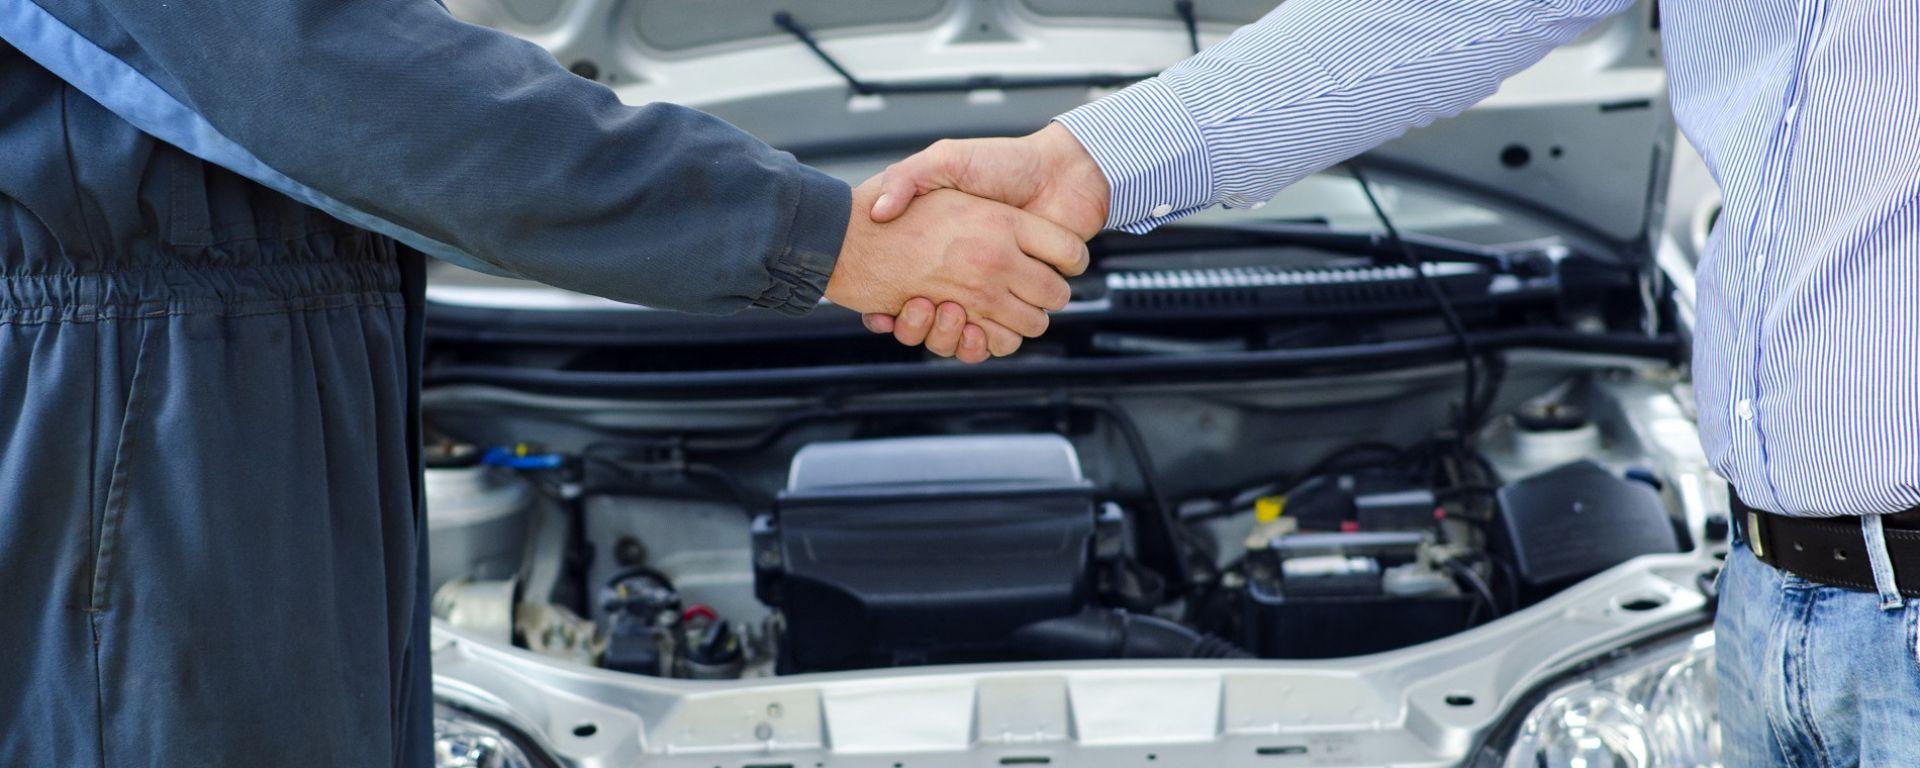 Auto usate e garanzie, i diritti del consumatore